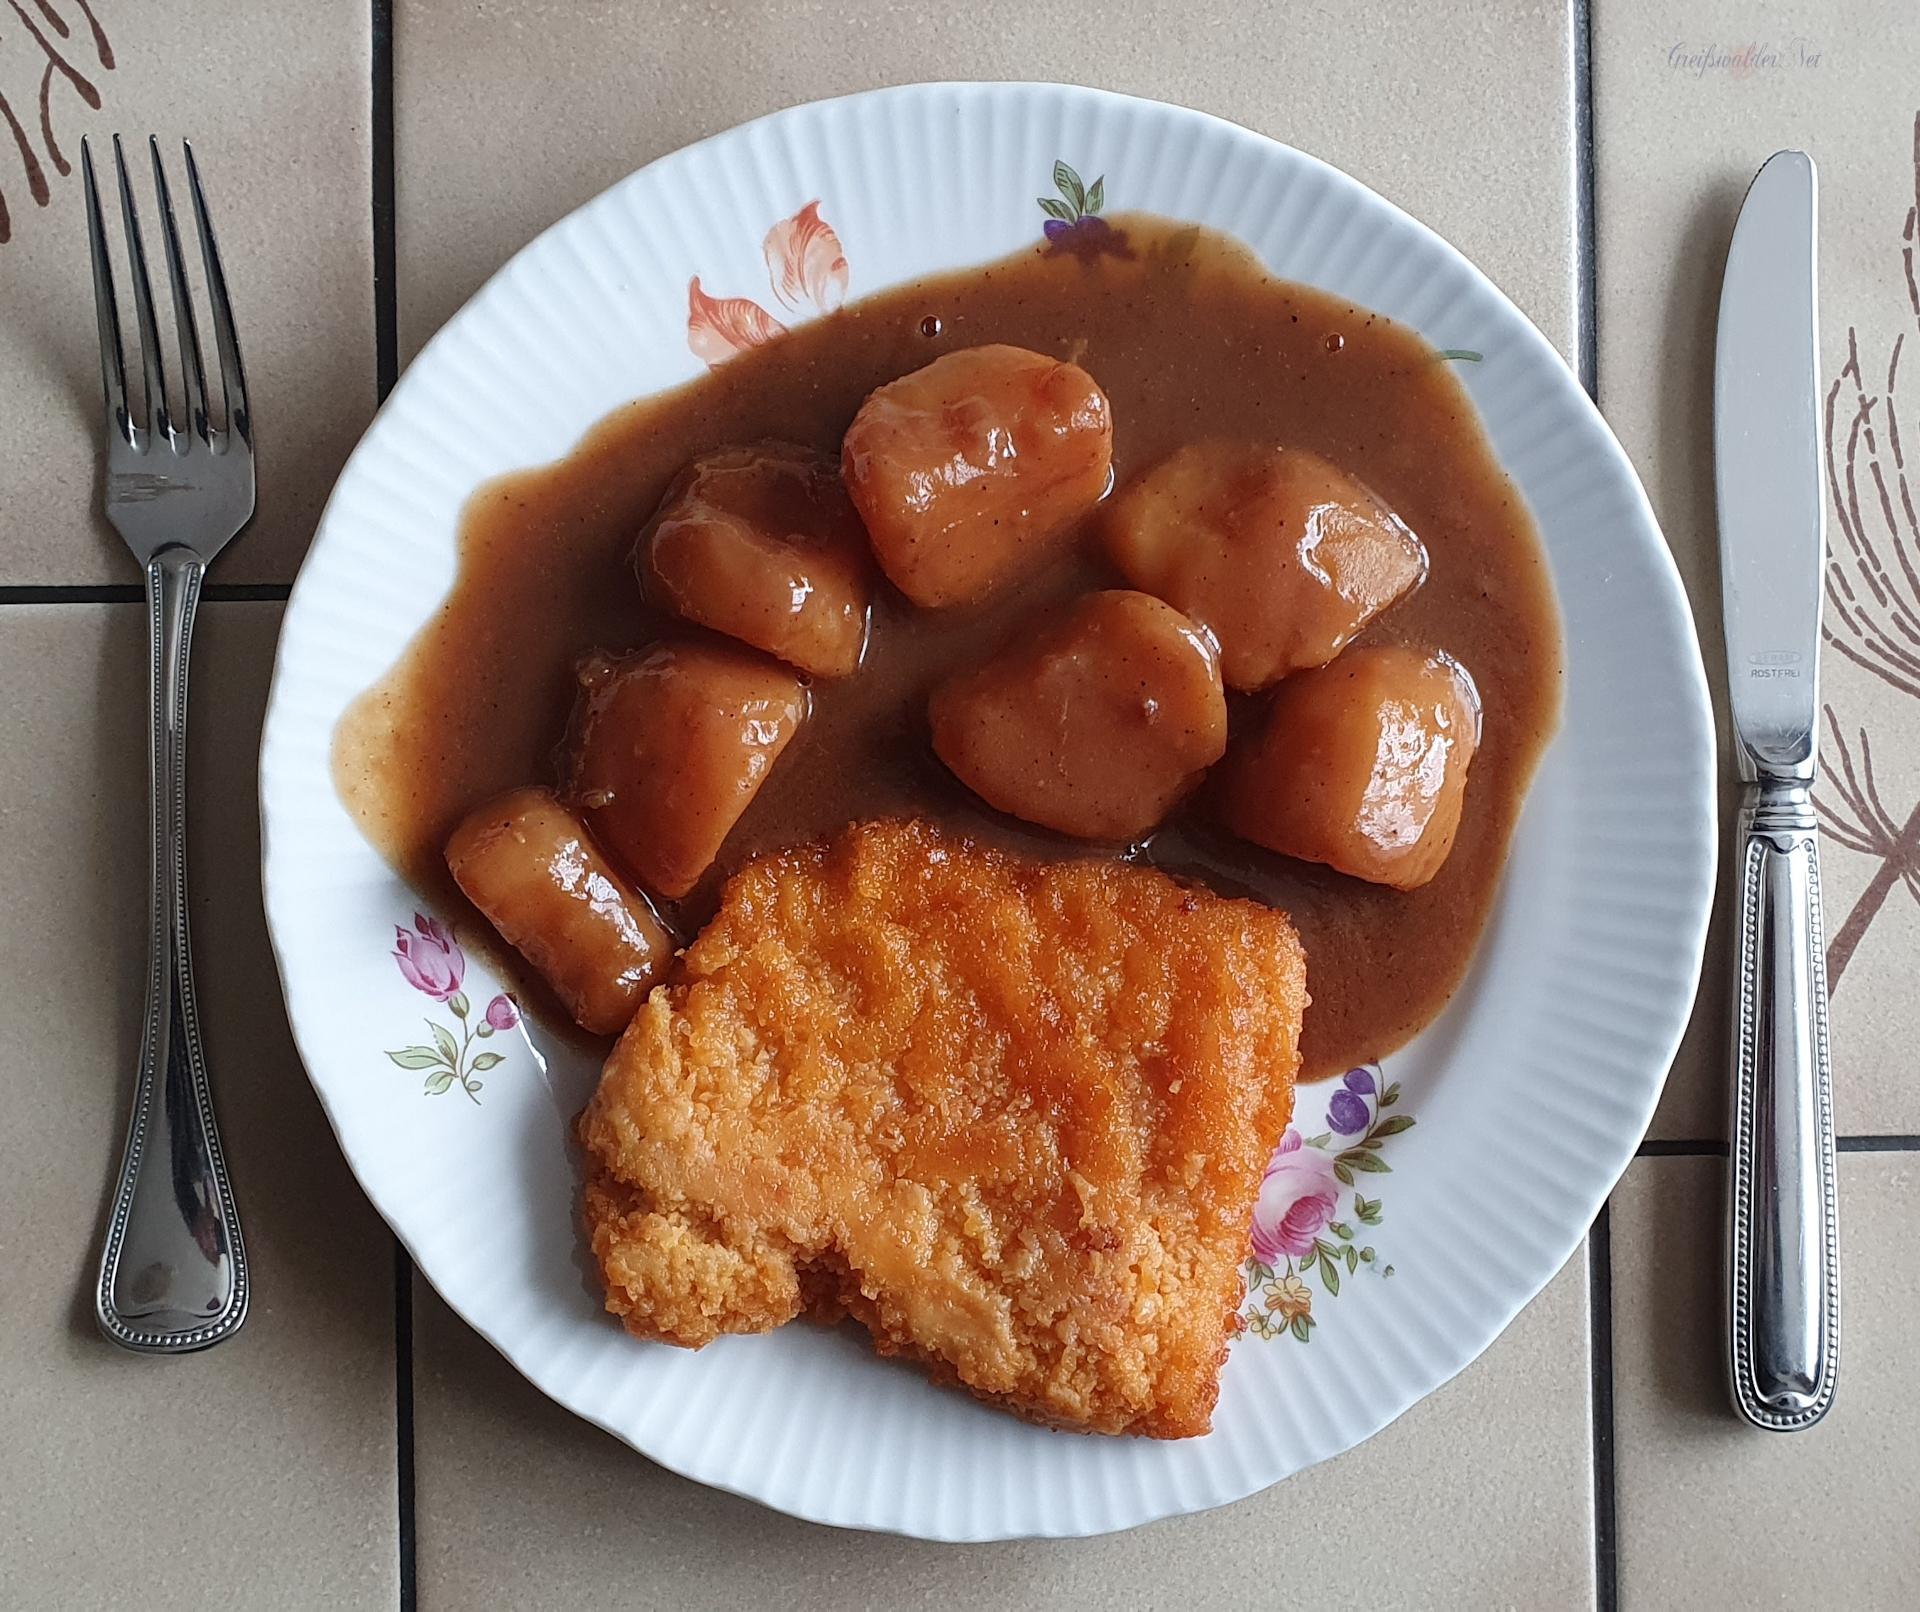 Hähnchenschnitzel mit Kartoffeln